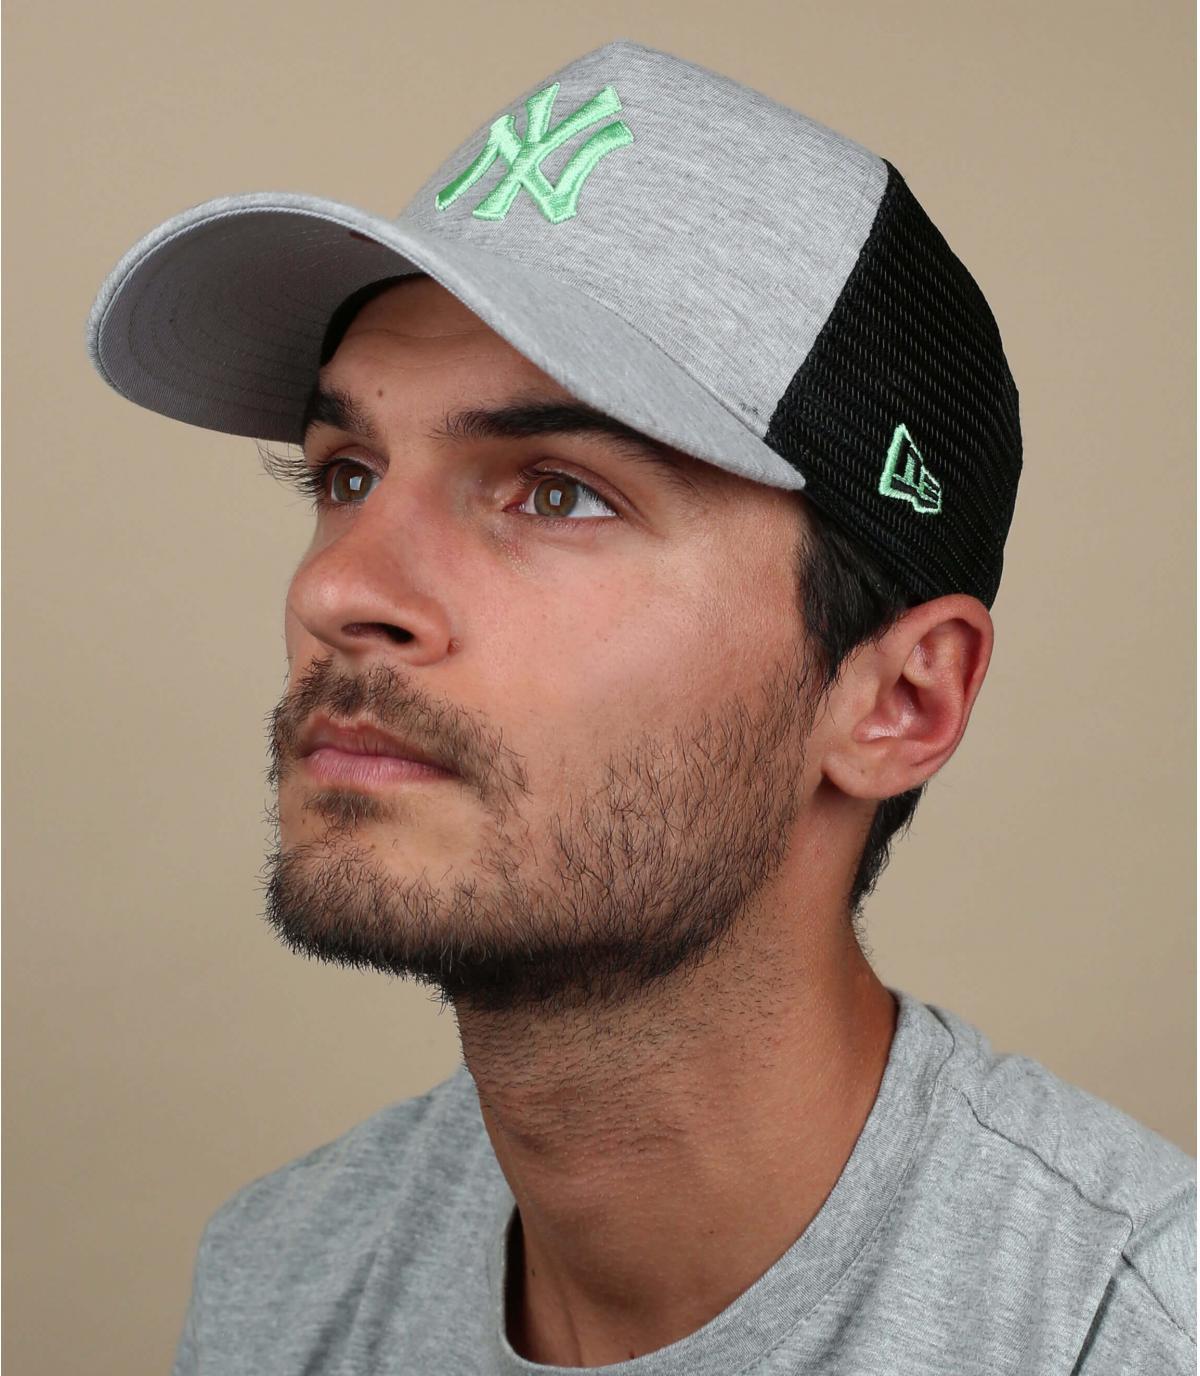 NY trucker grijs groen